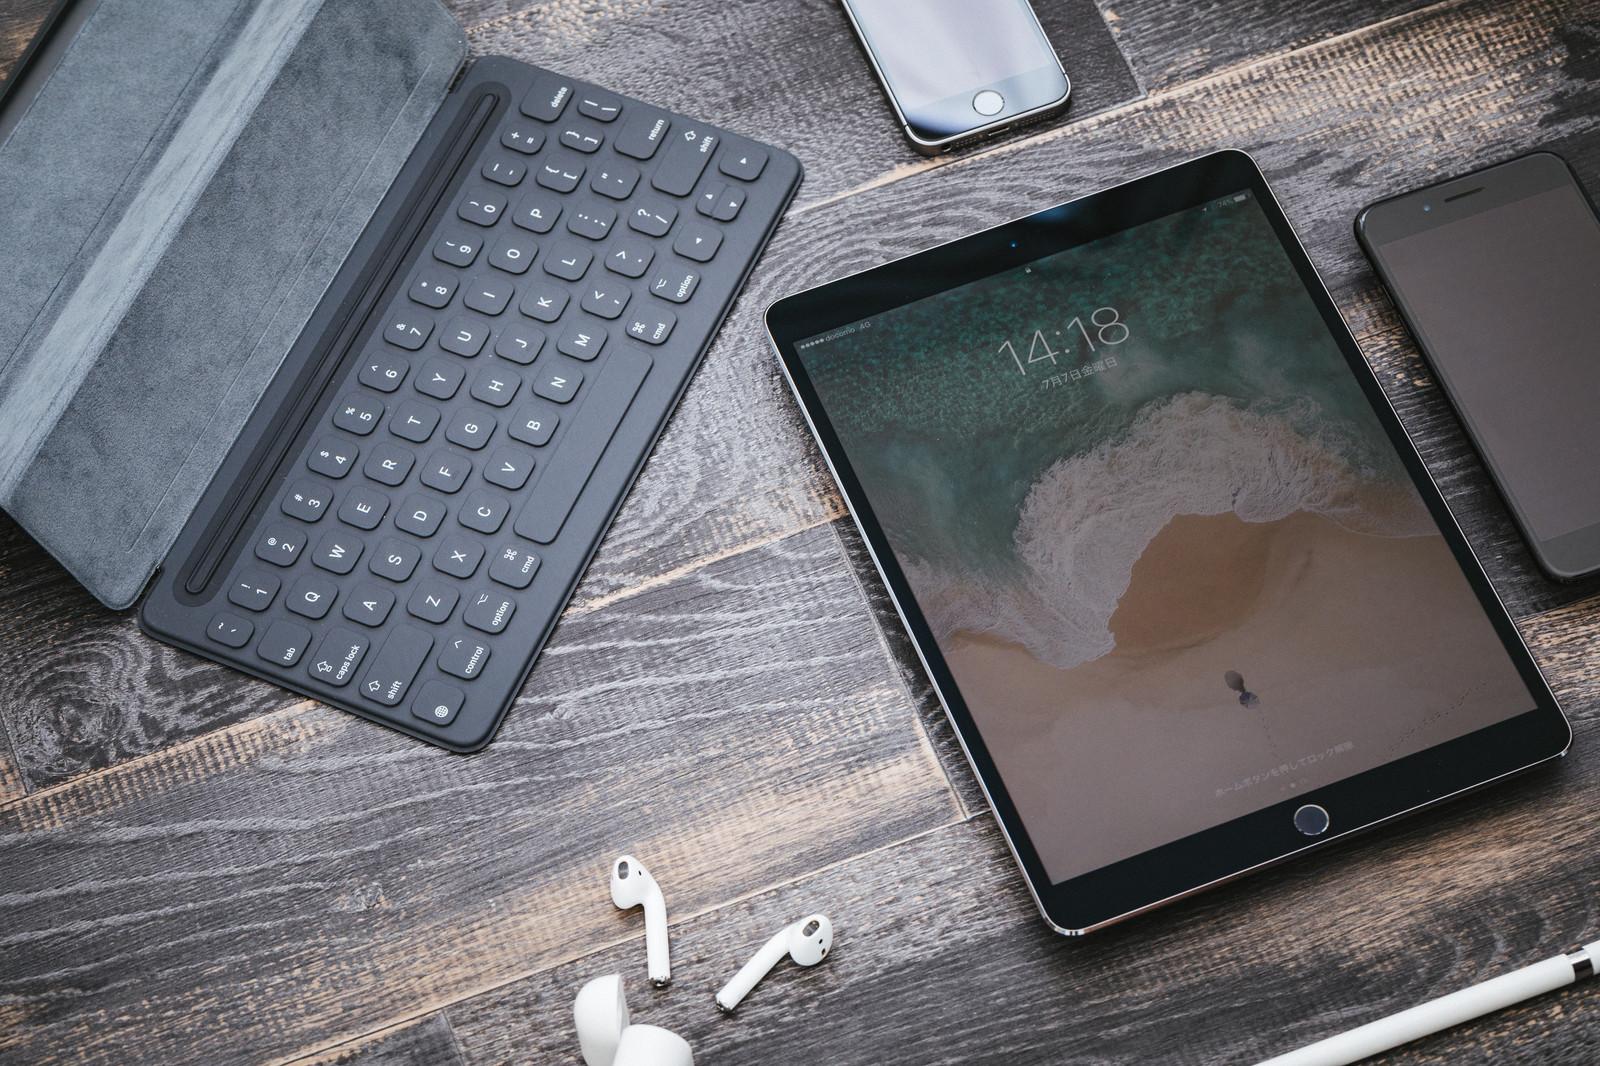 Ipad Miniのおしゃれ壁紙まとめ 高画質でハイセンスな画像を紹介